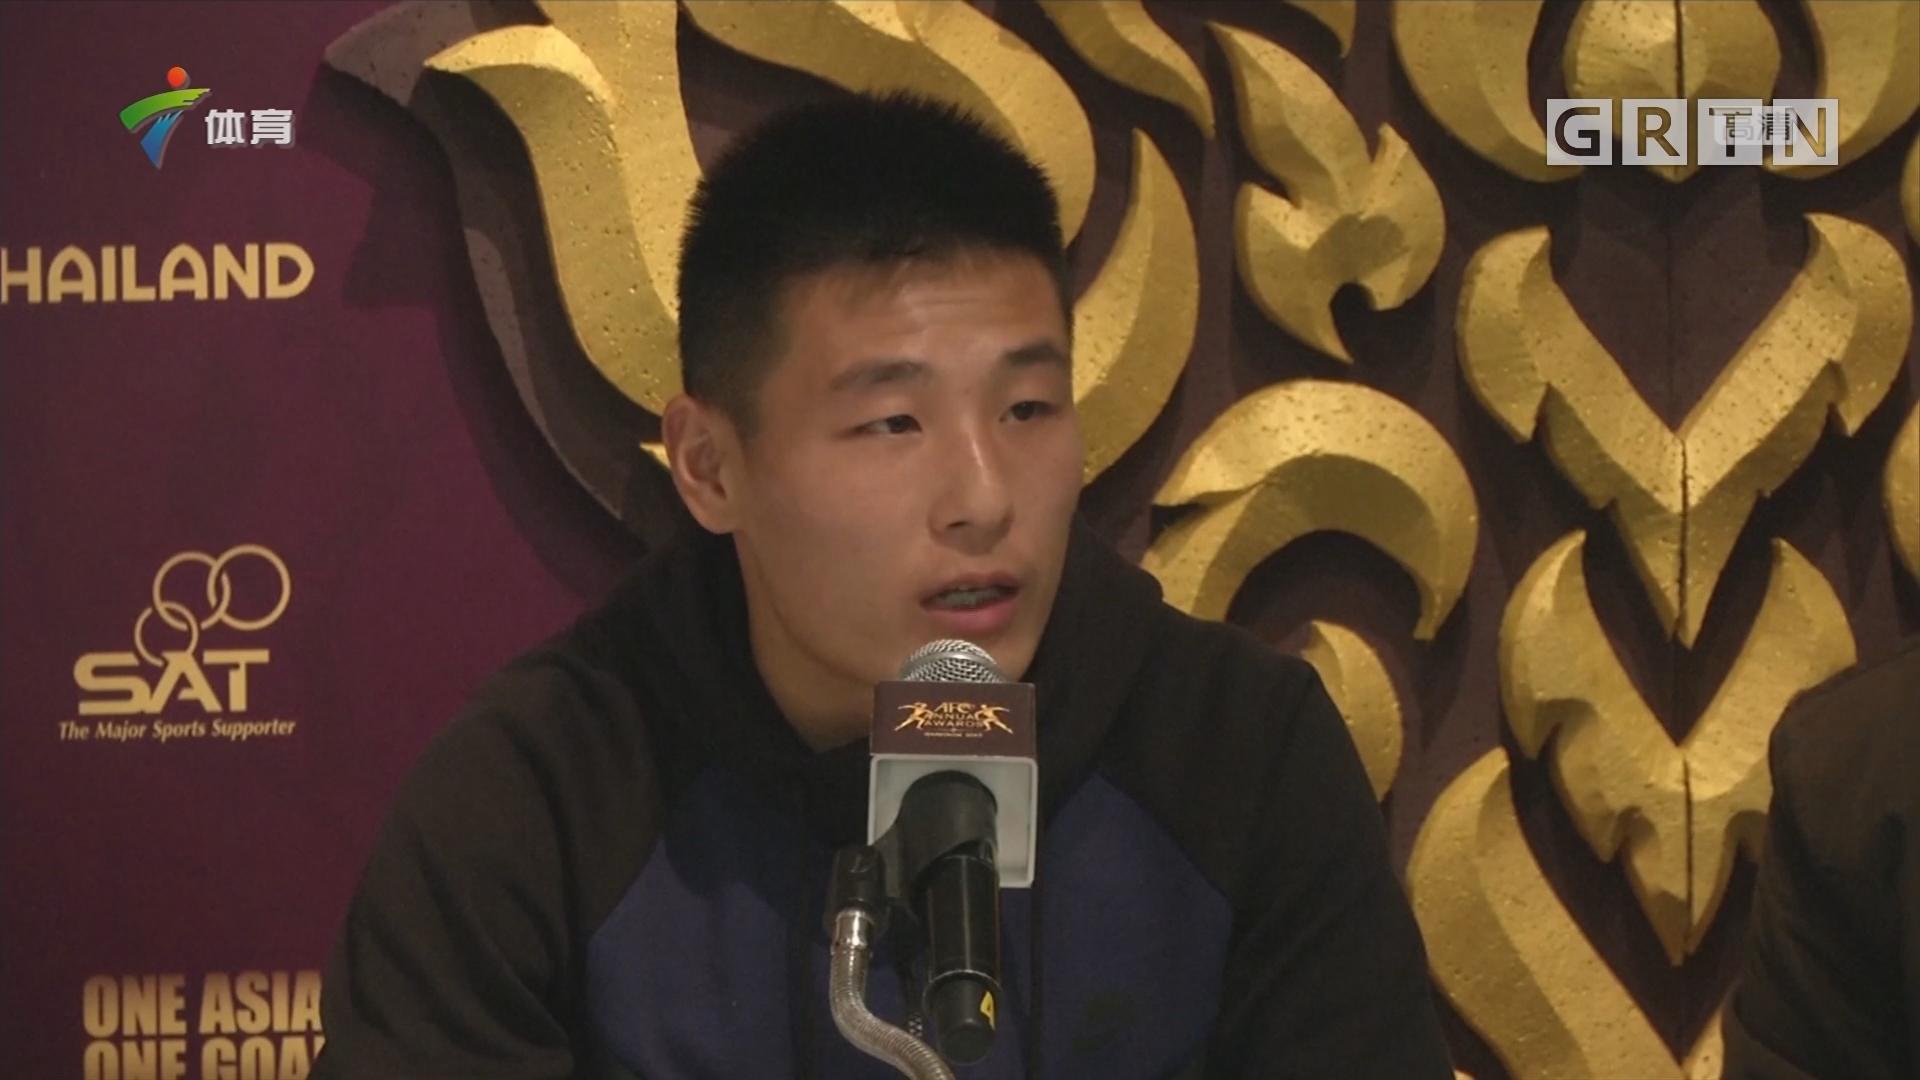 武磊连续第二年获得亚洲足球先生提名